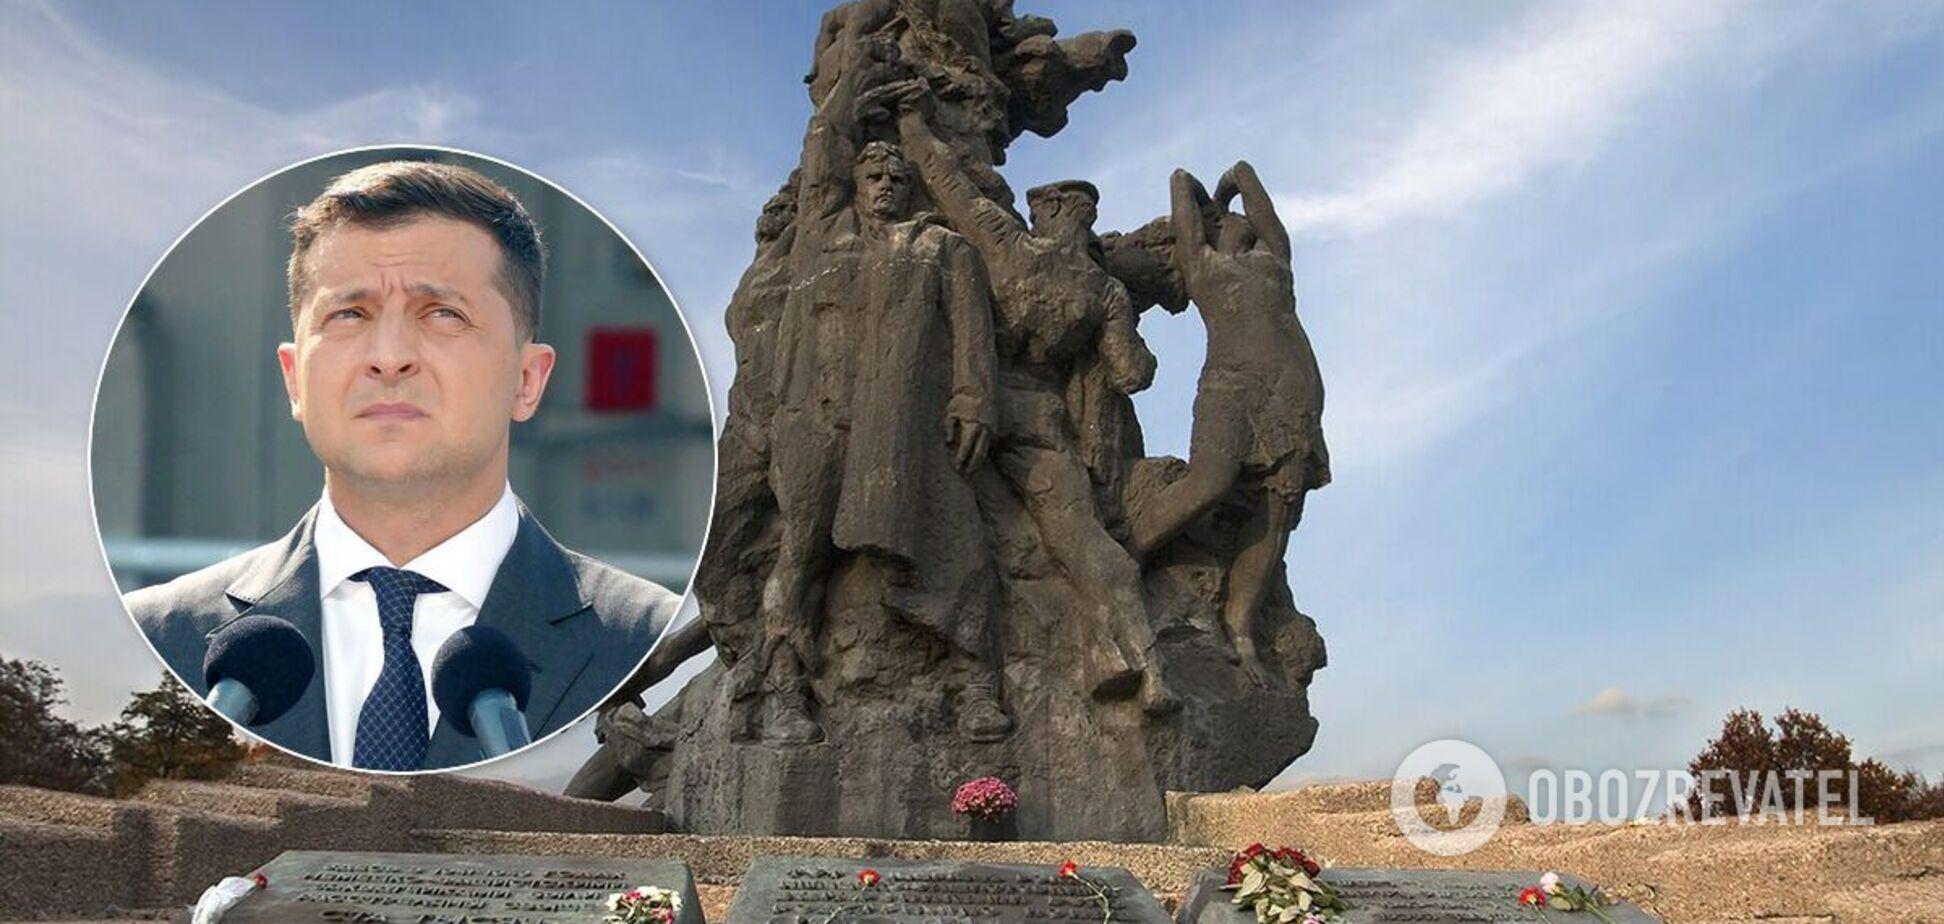 Зеленський підписав указ про заходи до річниці трагедії в Бабиному Яру